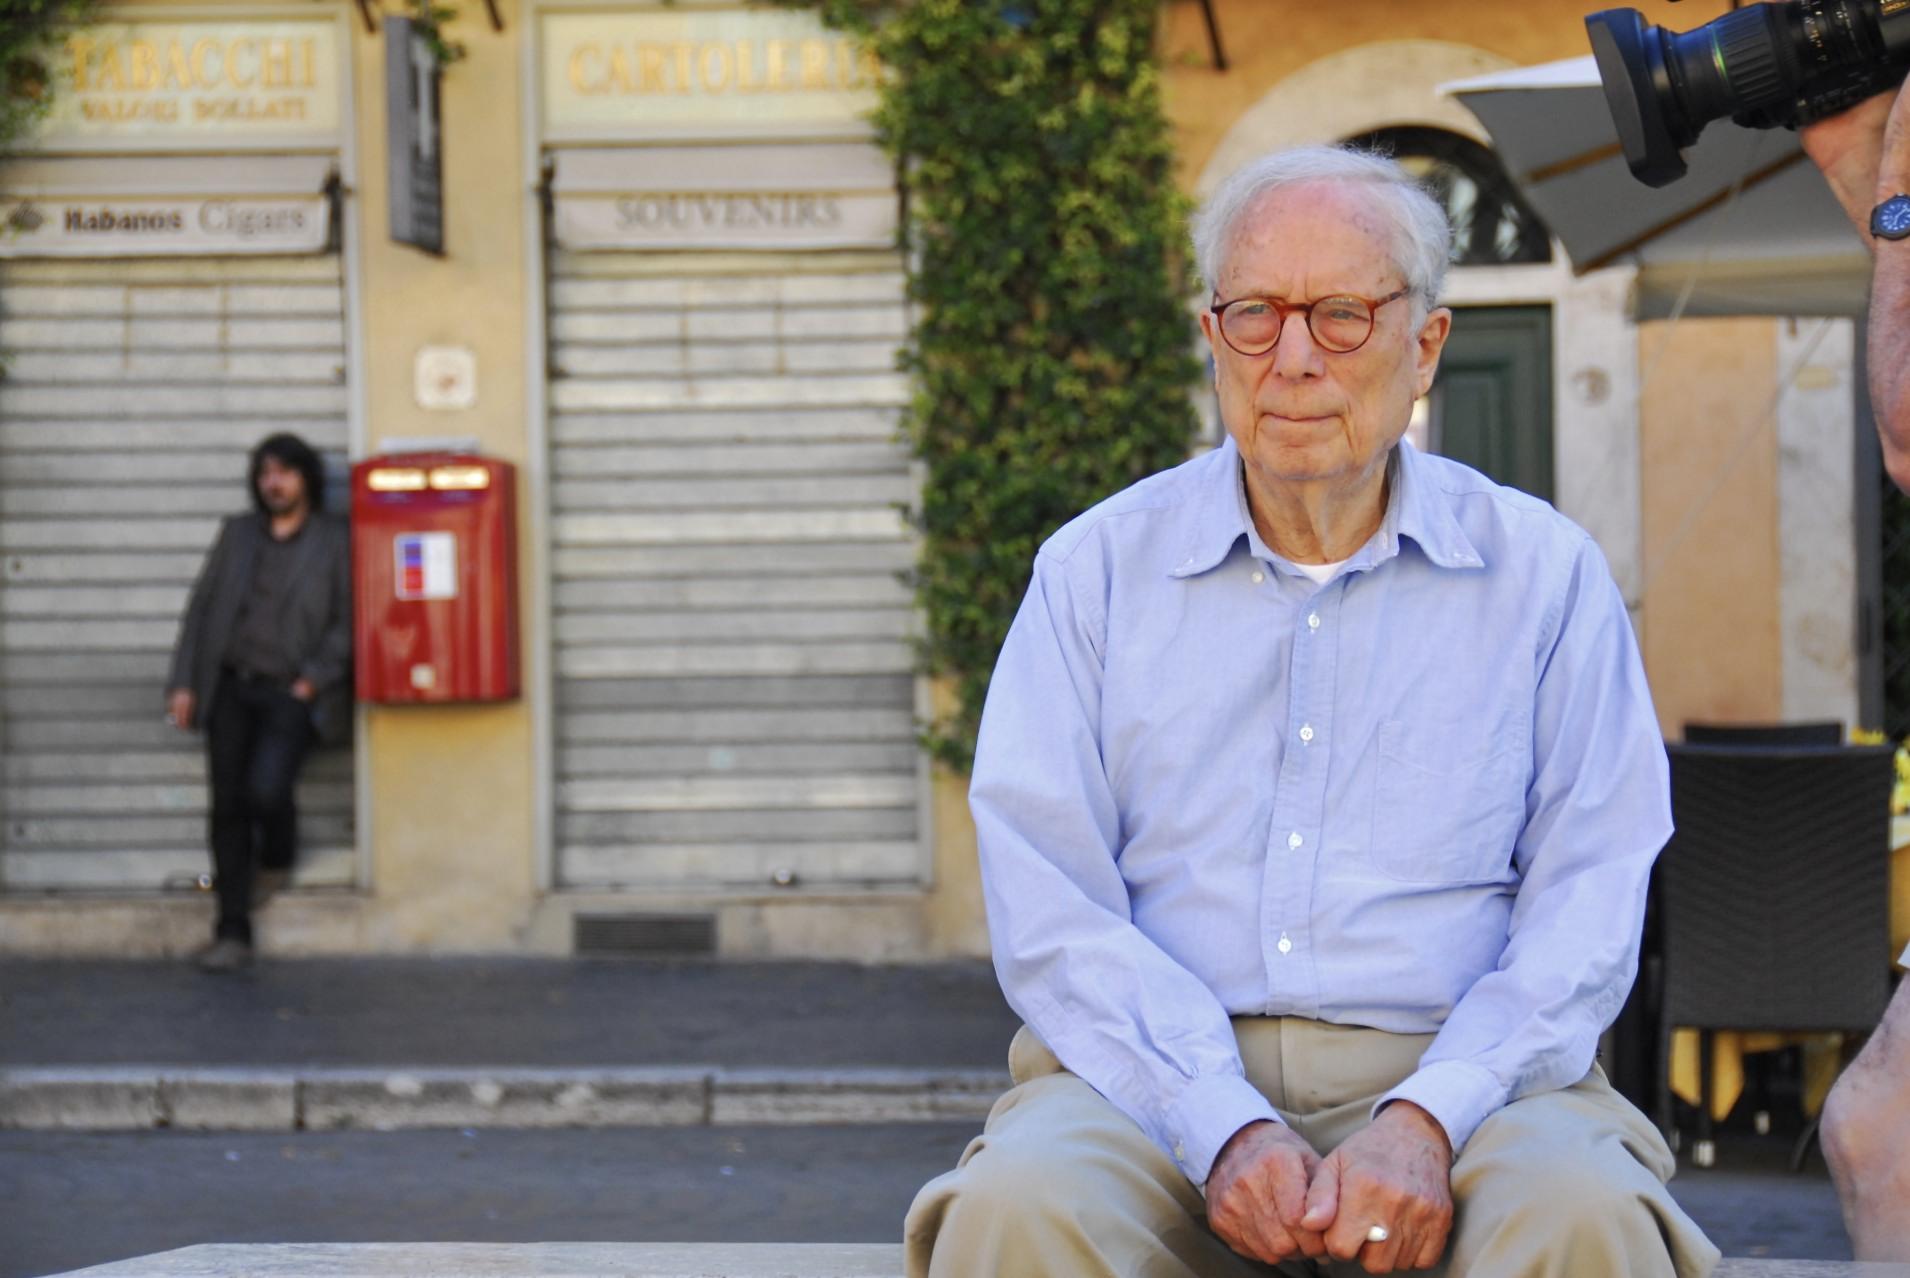 V americké Filadelfii zemřel ve věku 93 let jeden z nejvýznamnějších architektů a teoretiků umění 20. století Robert Venturi